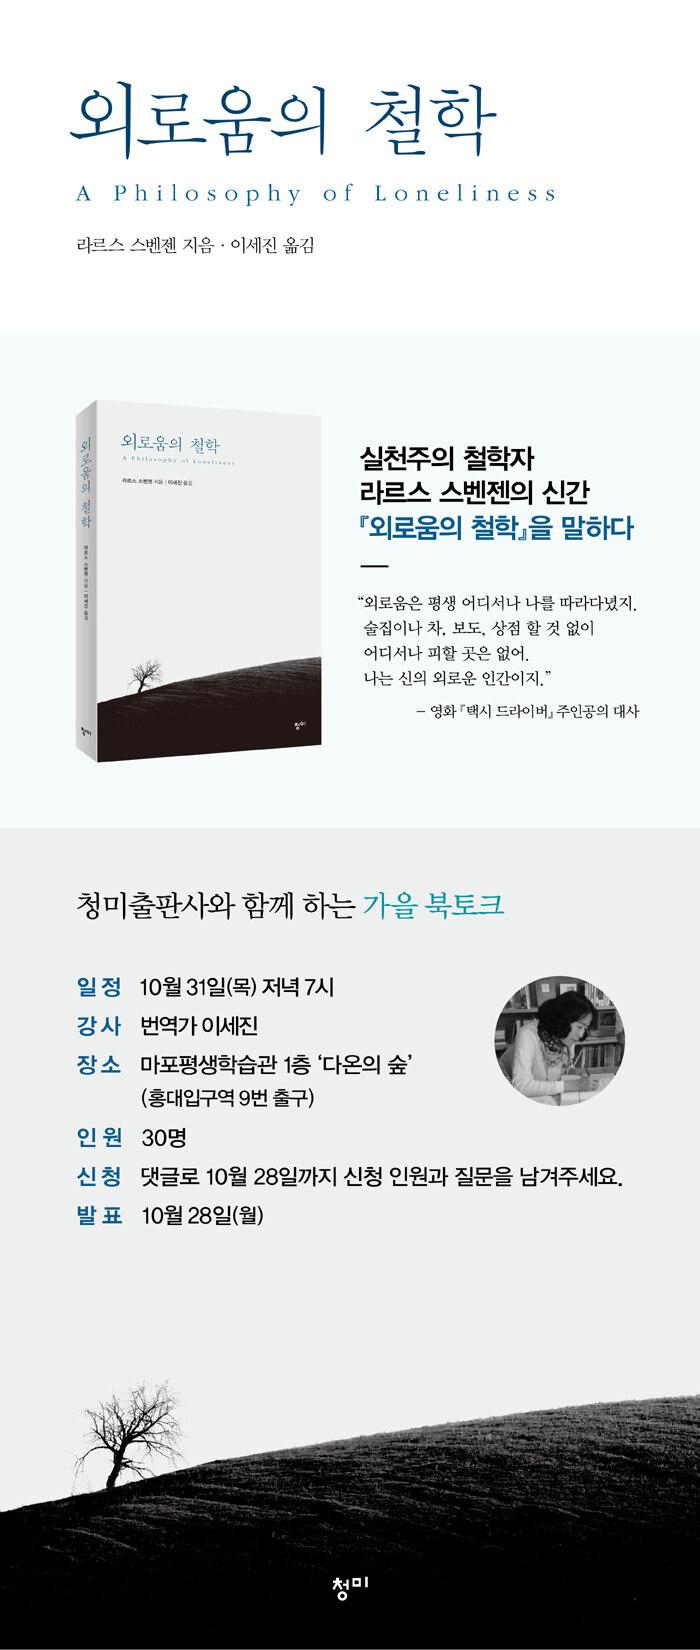 <외로움의 철학> 역자 강연회